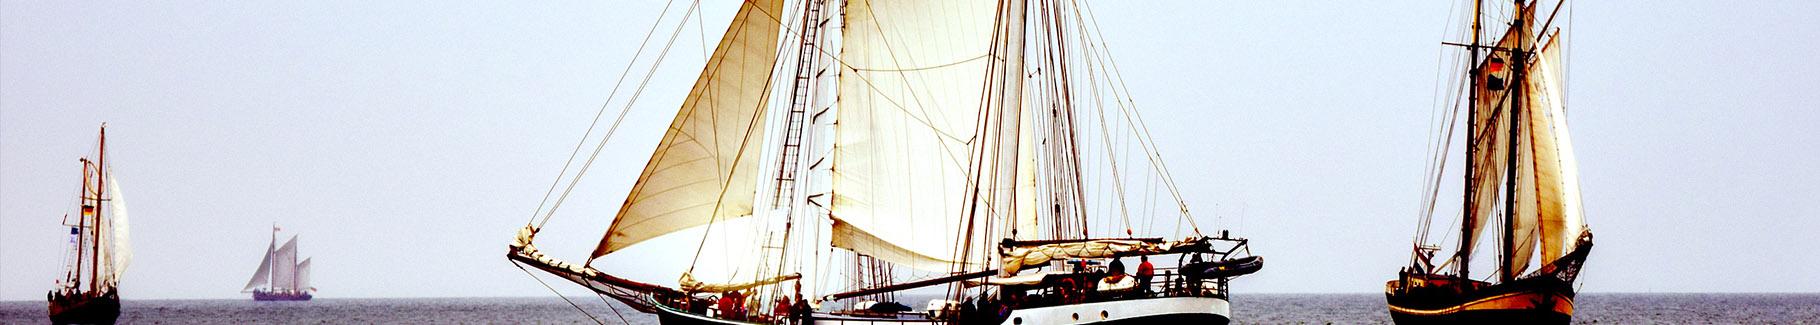 Fototapeta statki na morzu